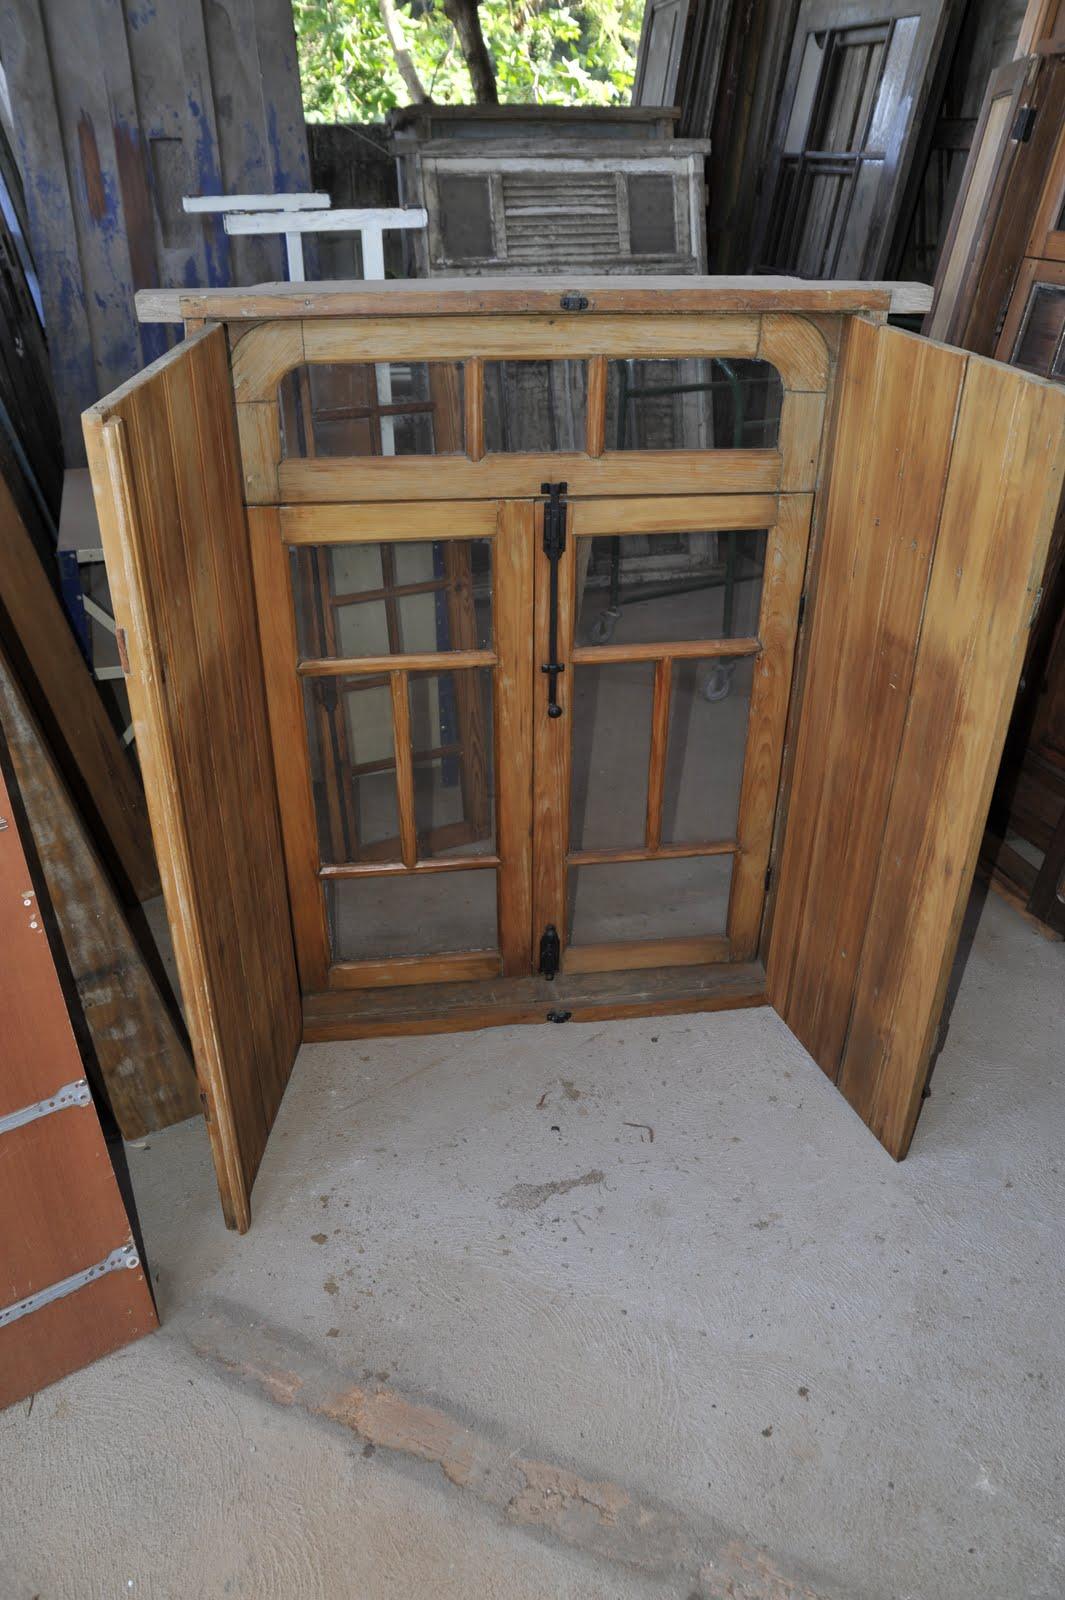 #82903B Portas e Janelas Antigas: Compra e Venda de porta e janelas antigas. 500 Janelas E Portas De Madeira Em Goiania